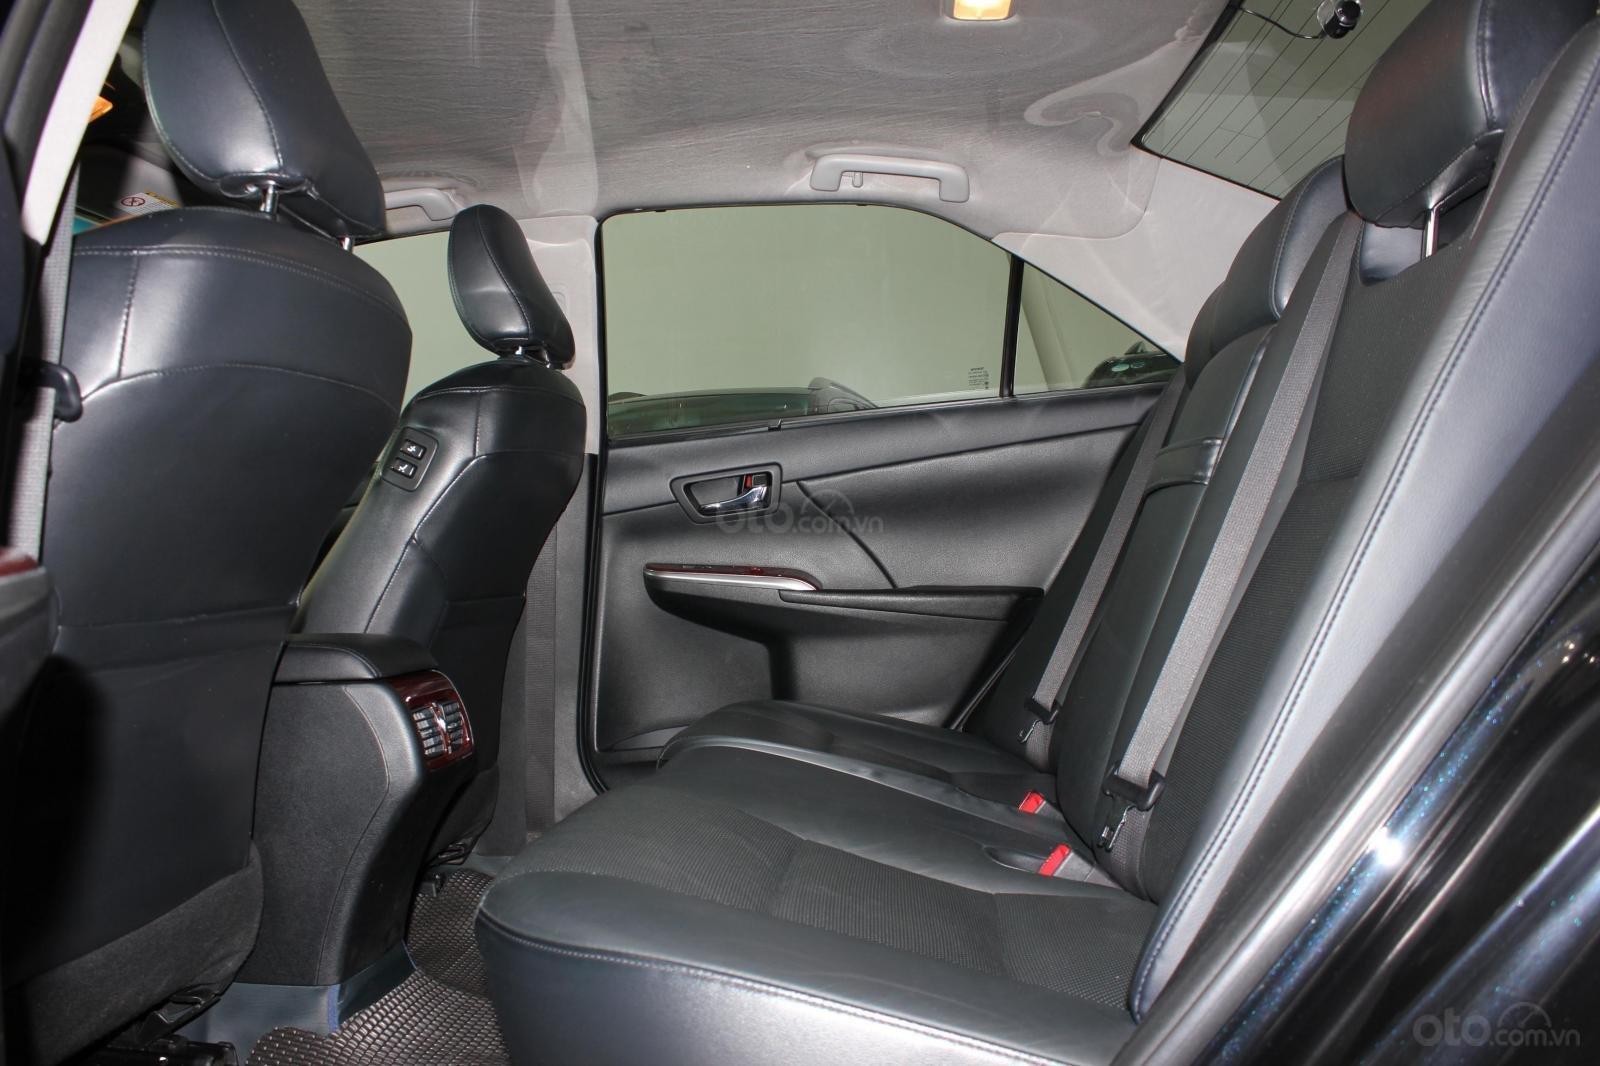 Cần bán Toyota Camry 2.5 Q 2013 bản full, màu đen, giá chỉ 755 triệu (12)